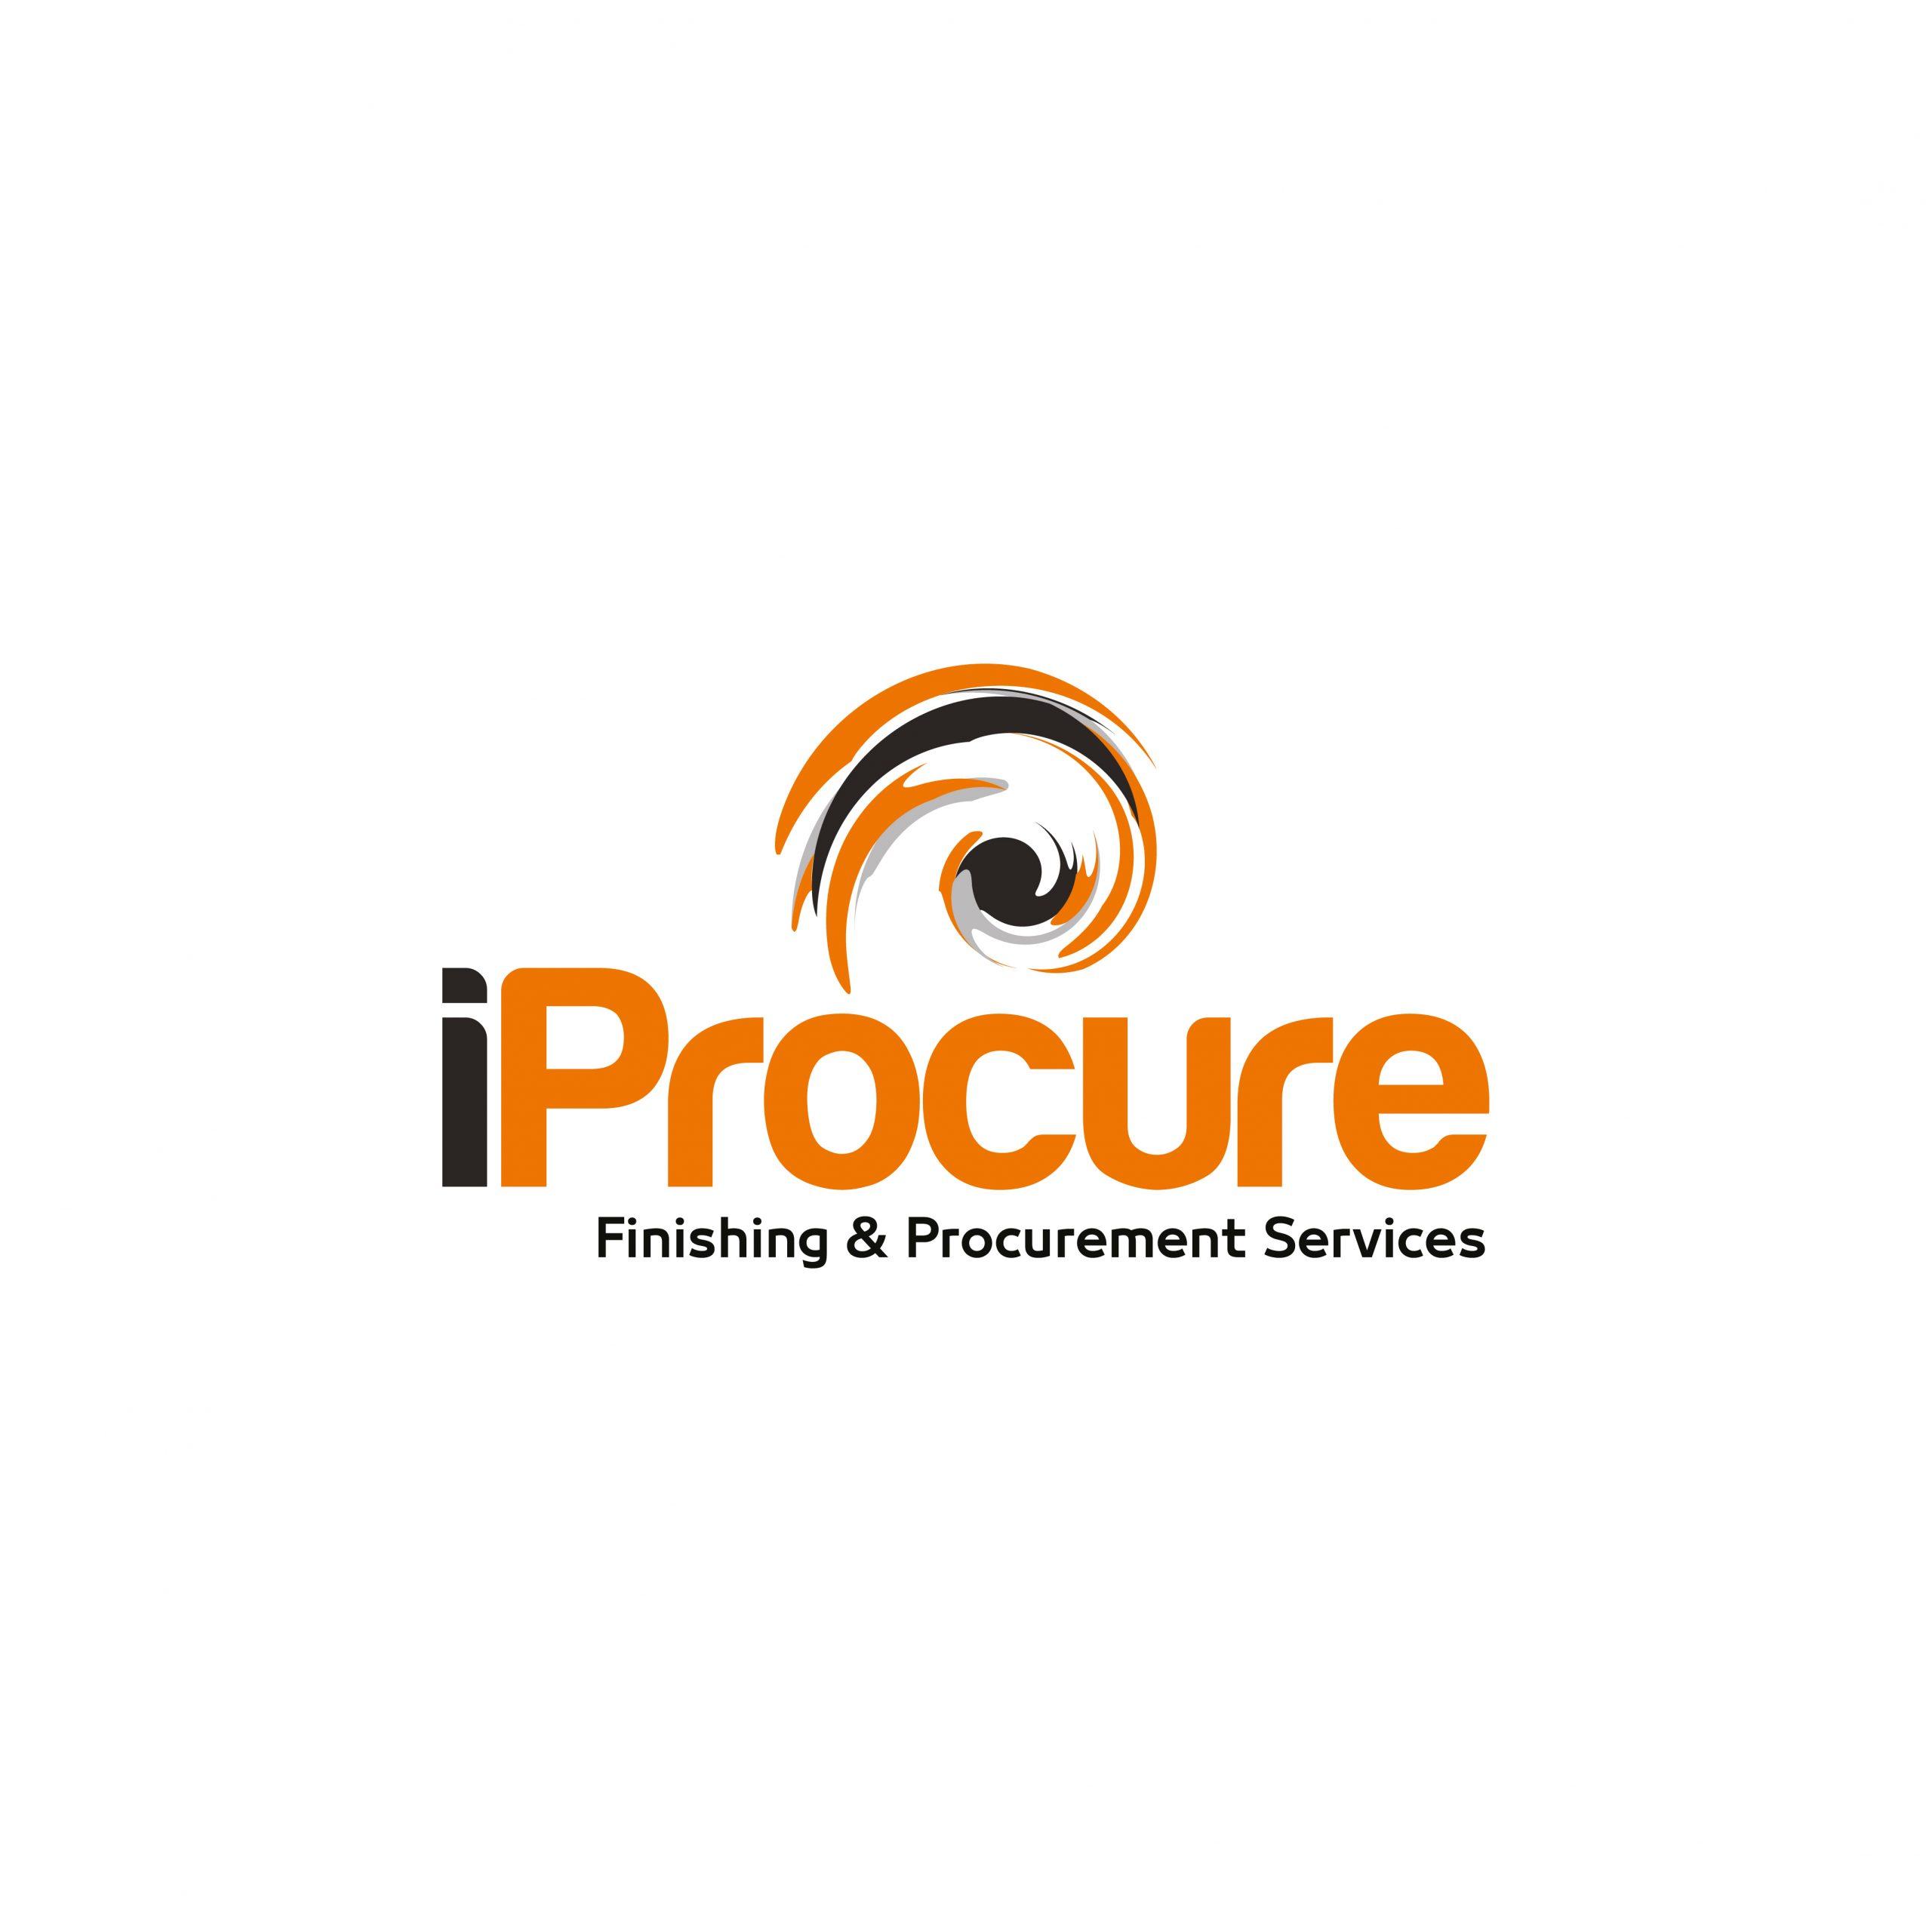 IProcure